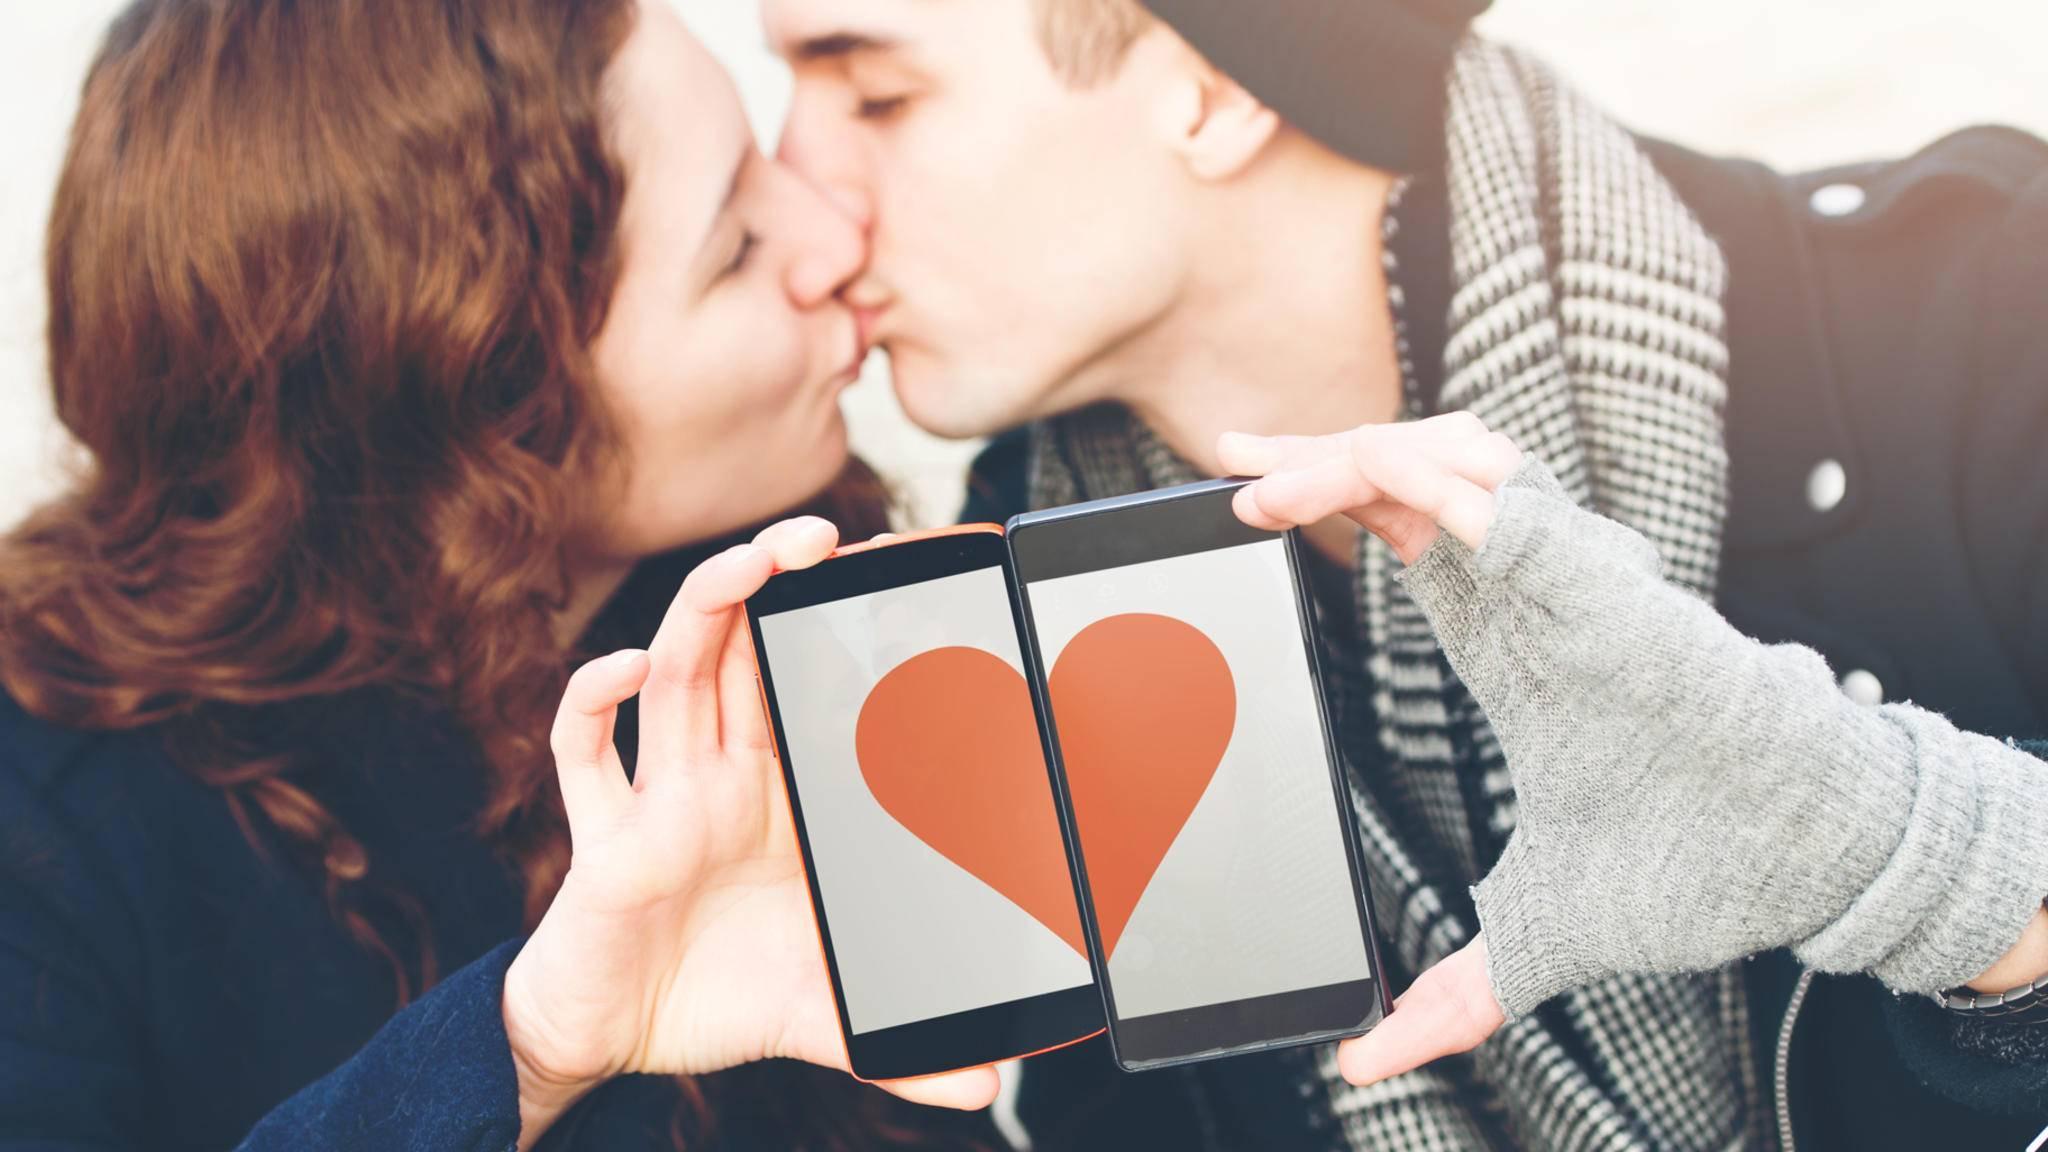 Liebe kann am Valentinstag auch durch Technik gehen – wenn man das richtige Geschenk parat hat.